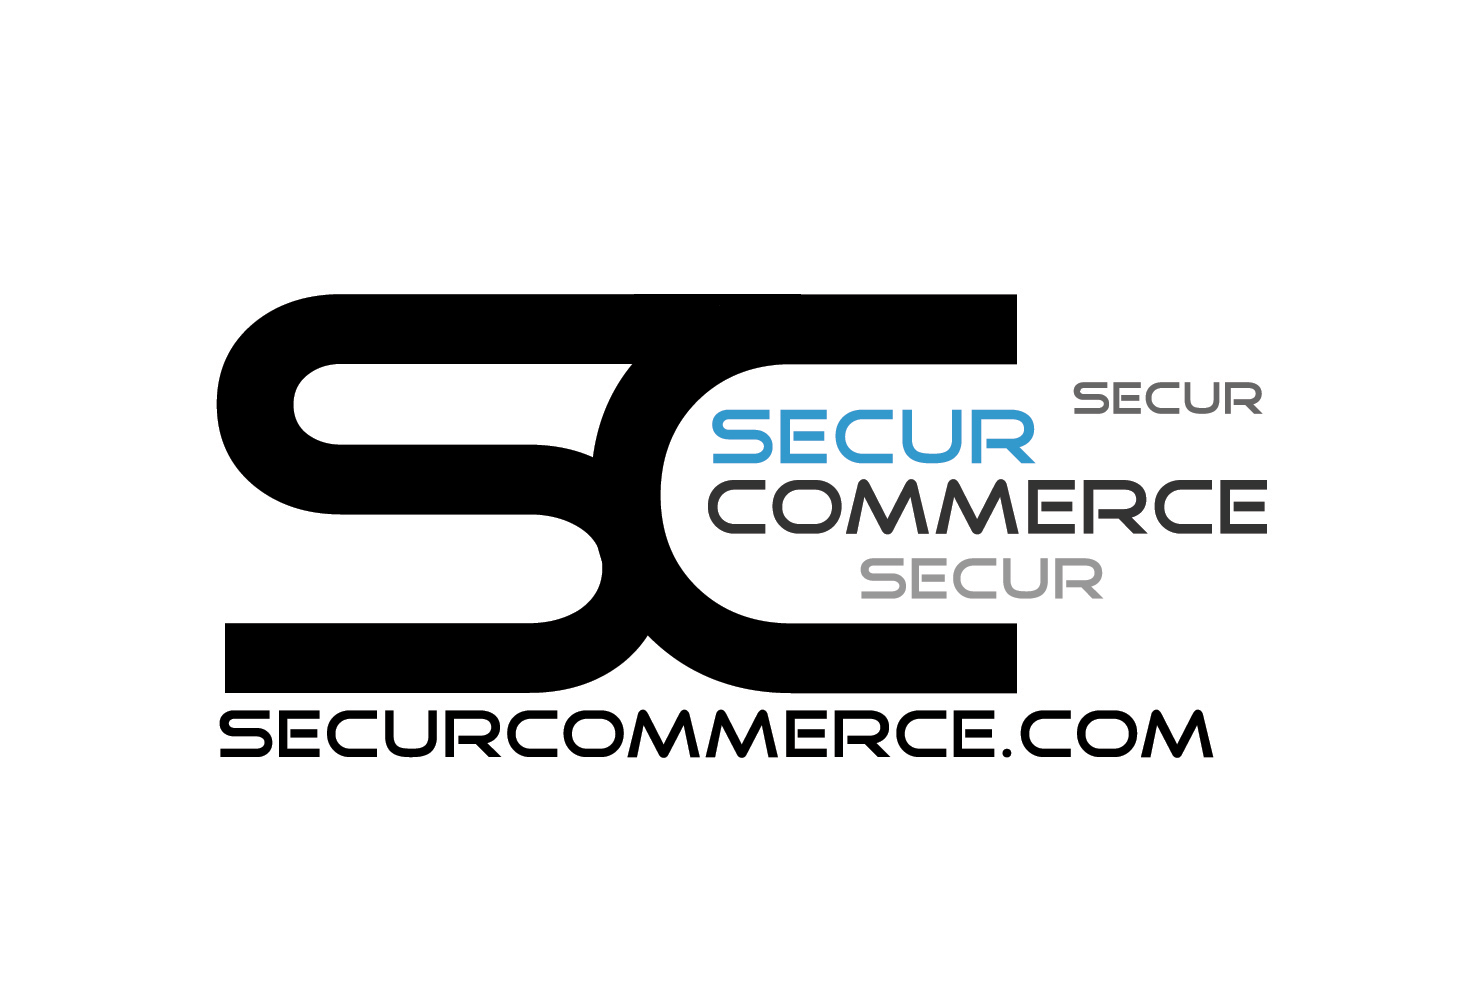 SecurCommerce